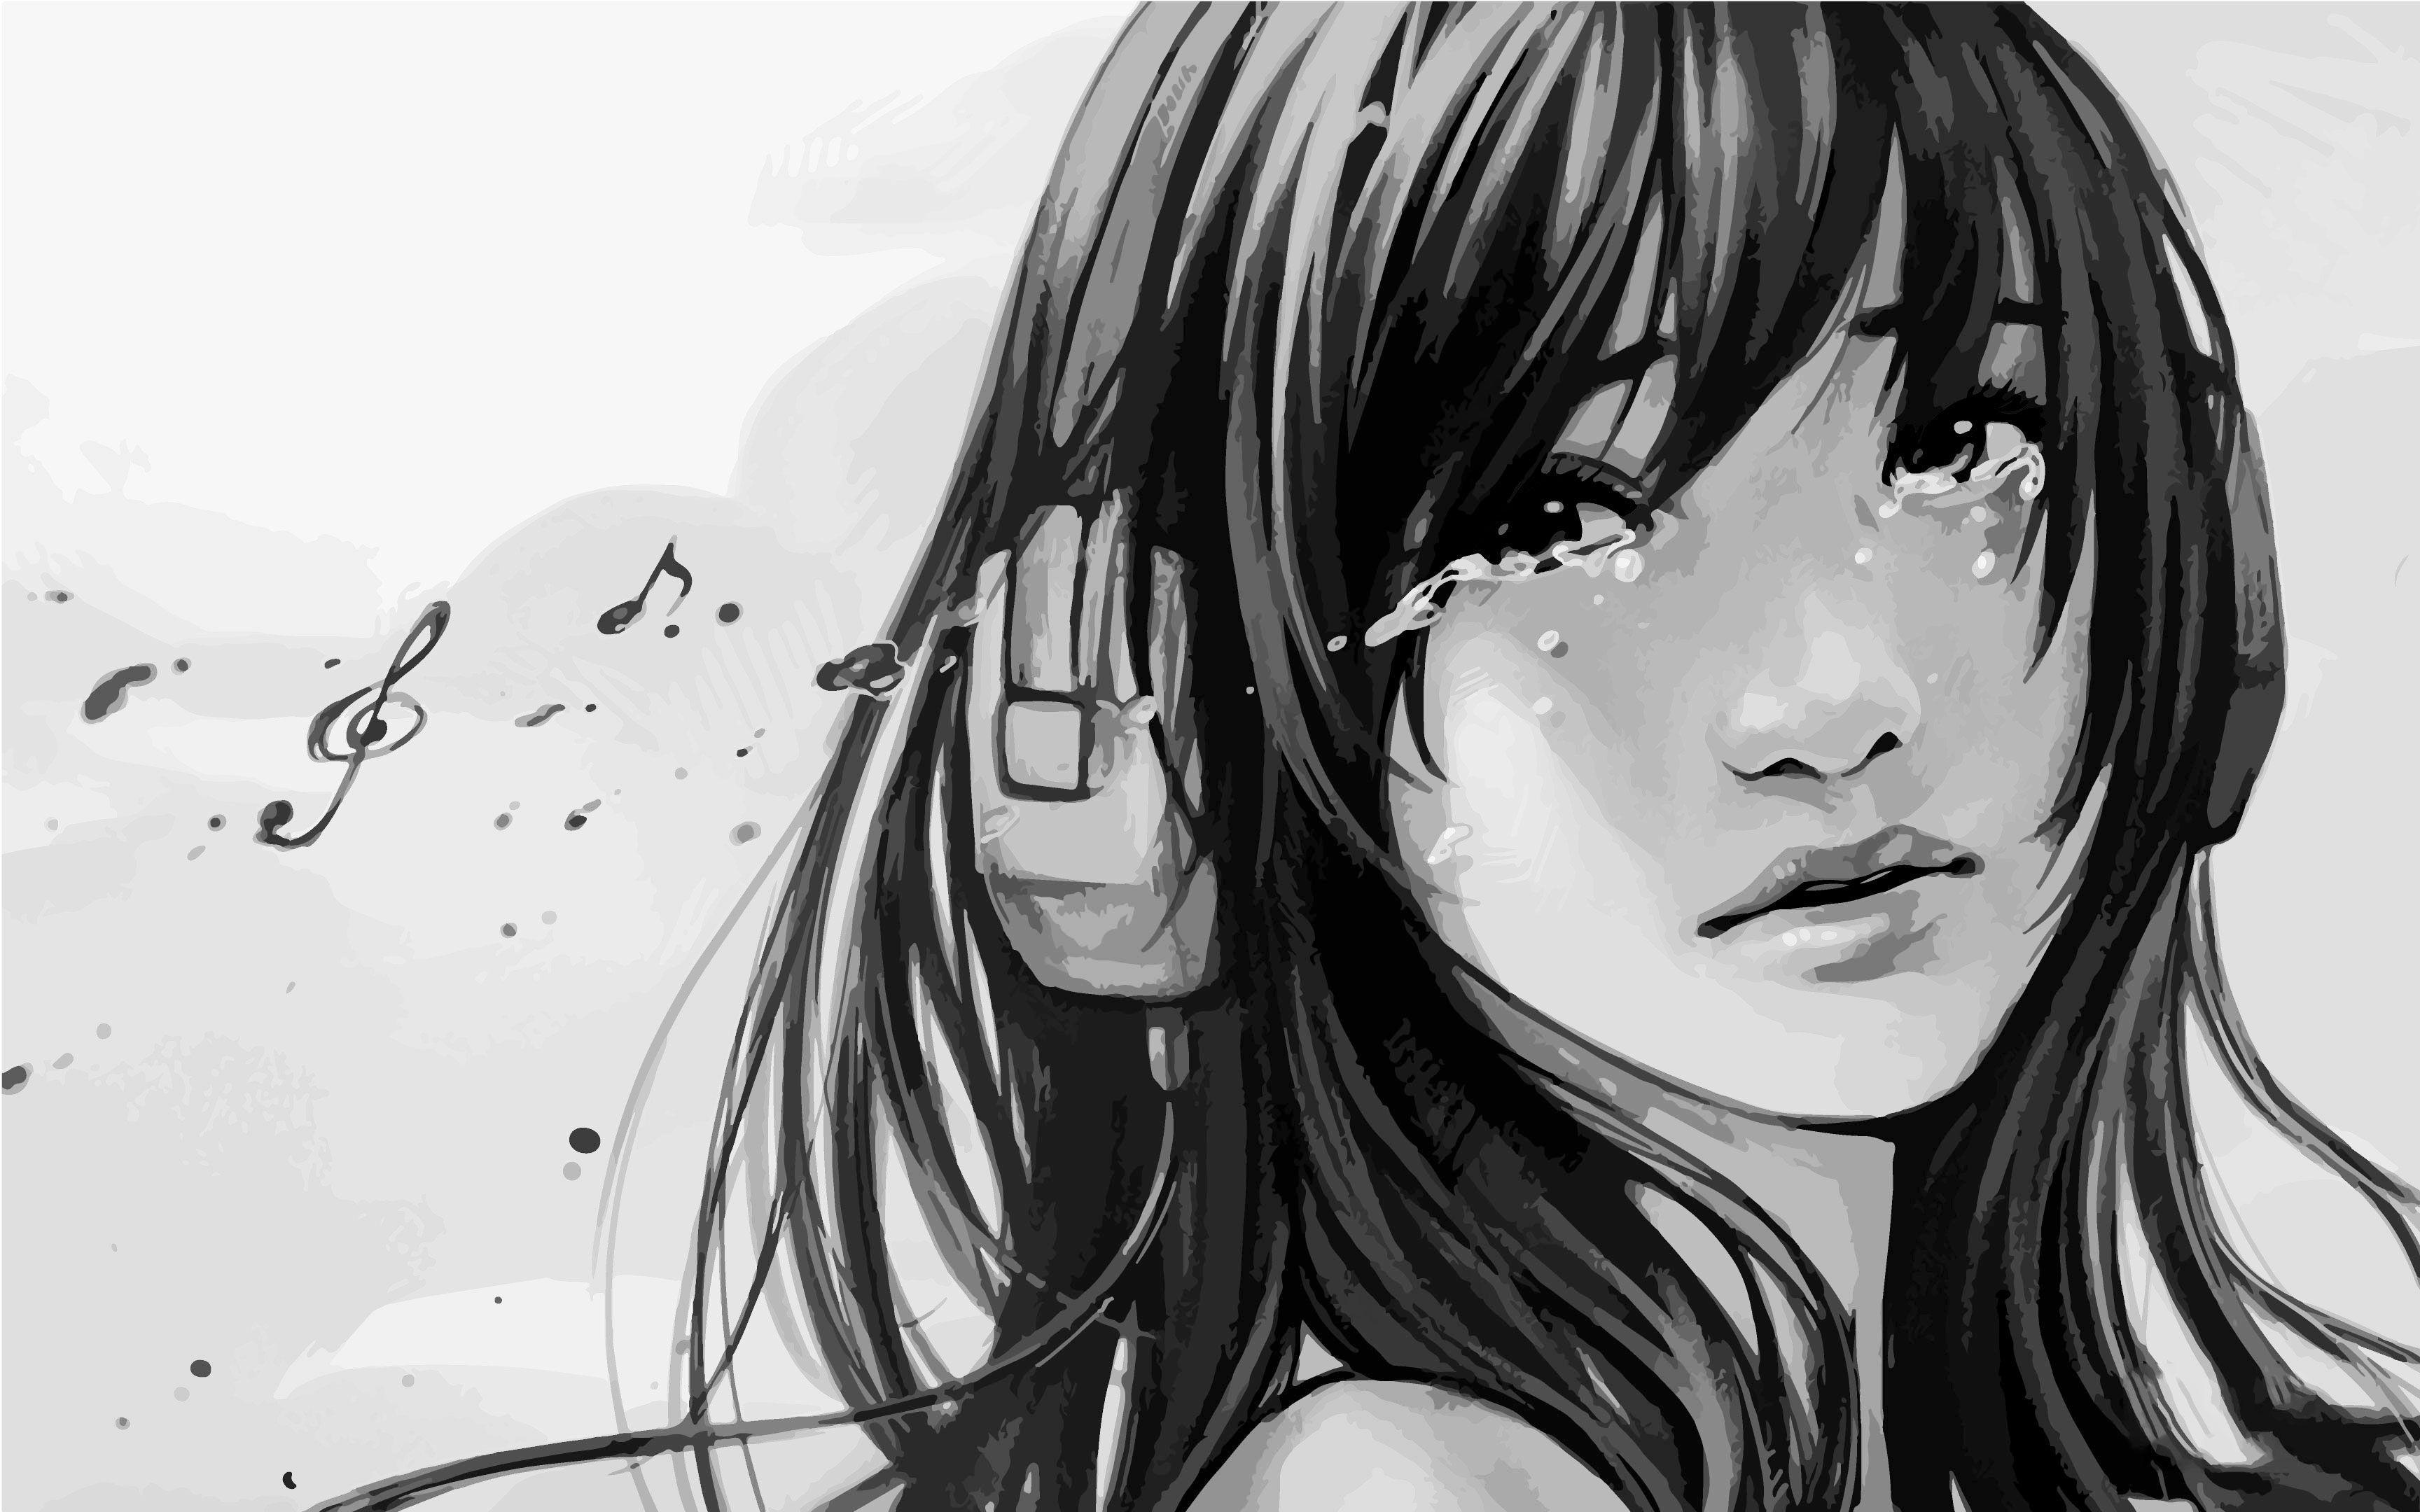 Crying Anime Girl Wallpapers - Top Free Crying Anime Girl